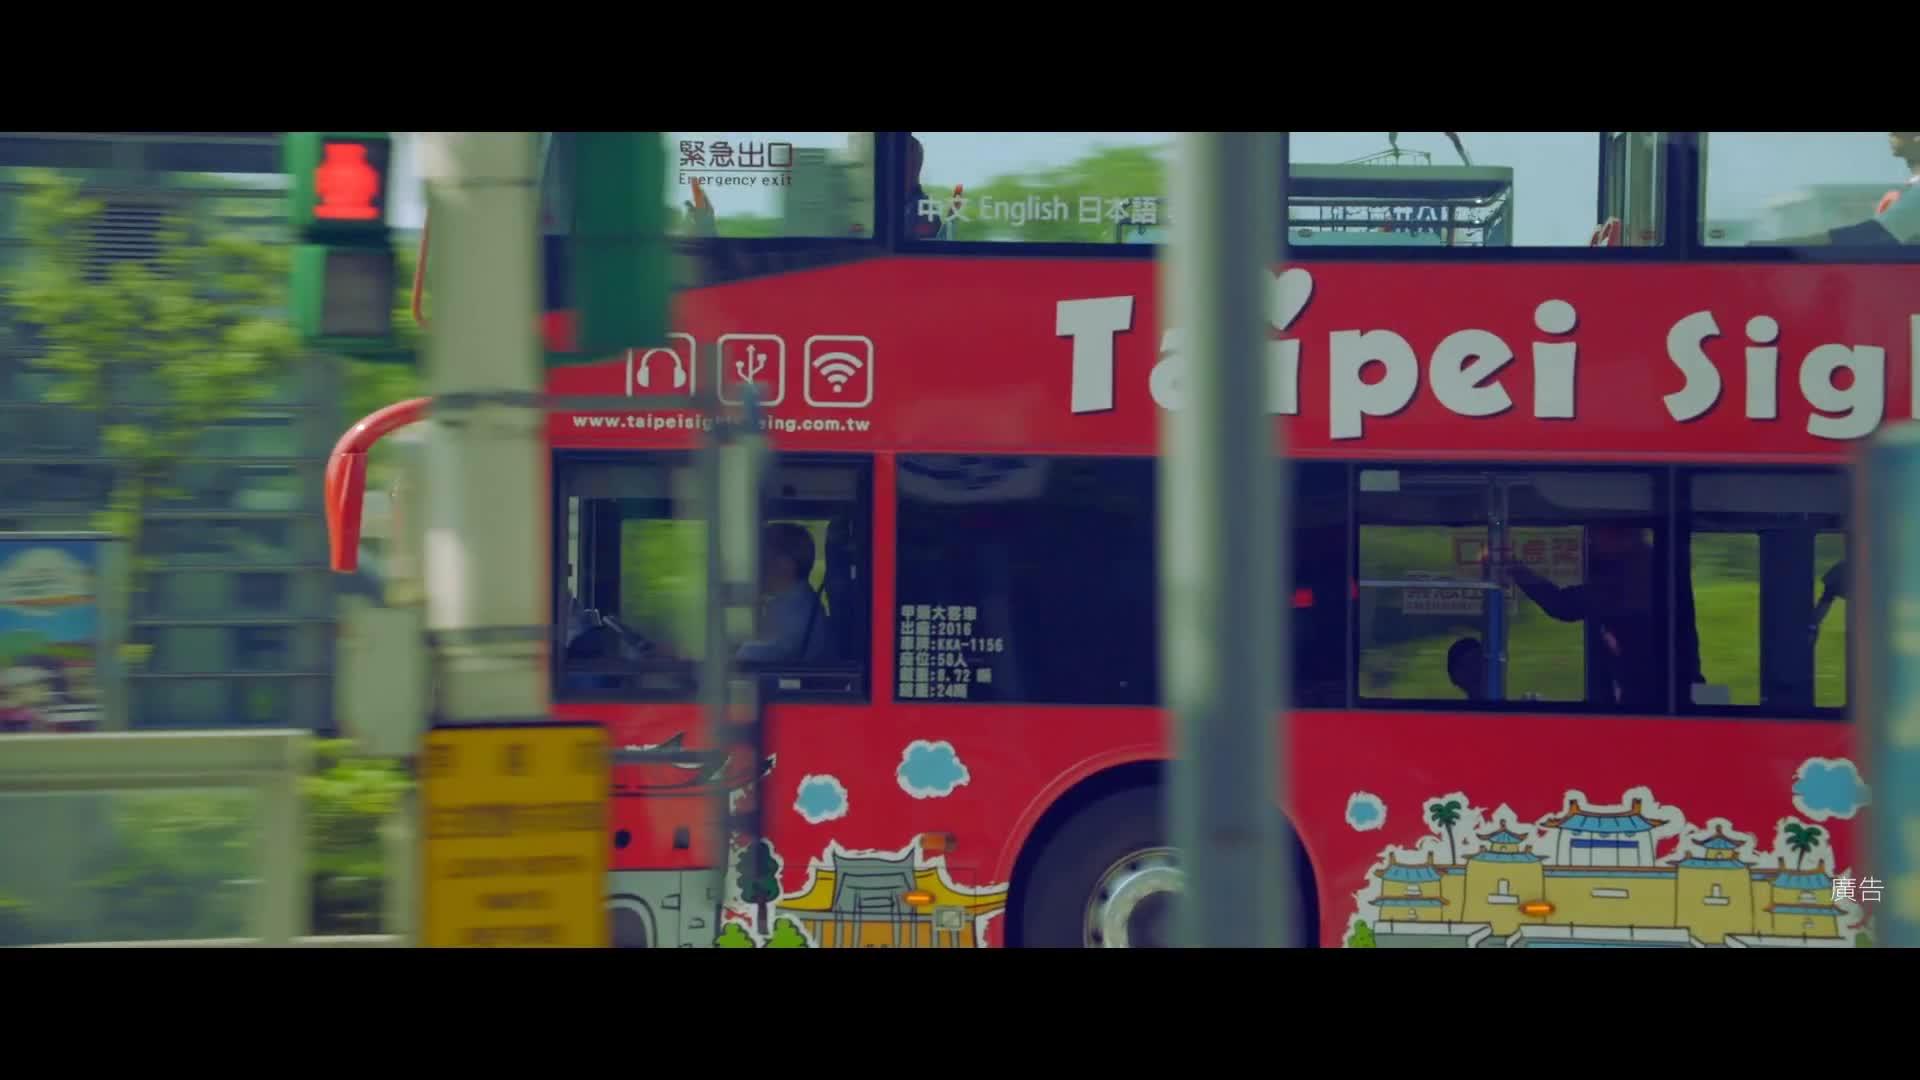 臺北市雙層觀光巴士-不同的角度、不同的臺北短片30秒